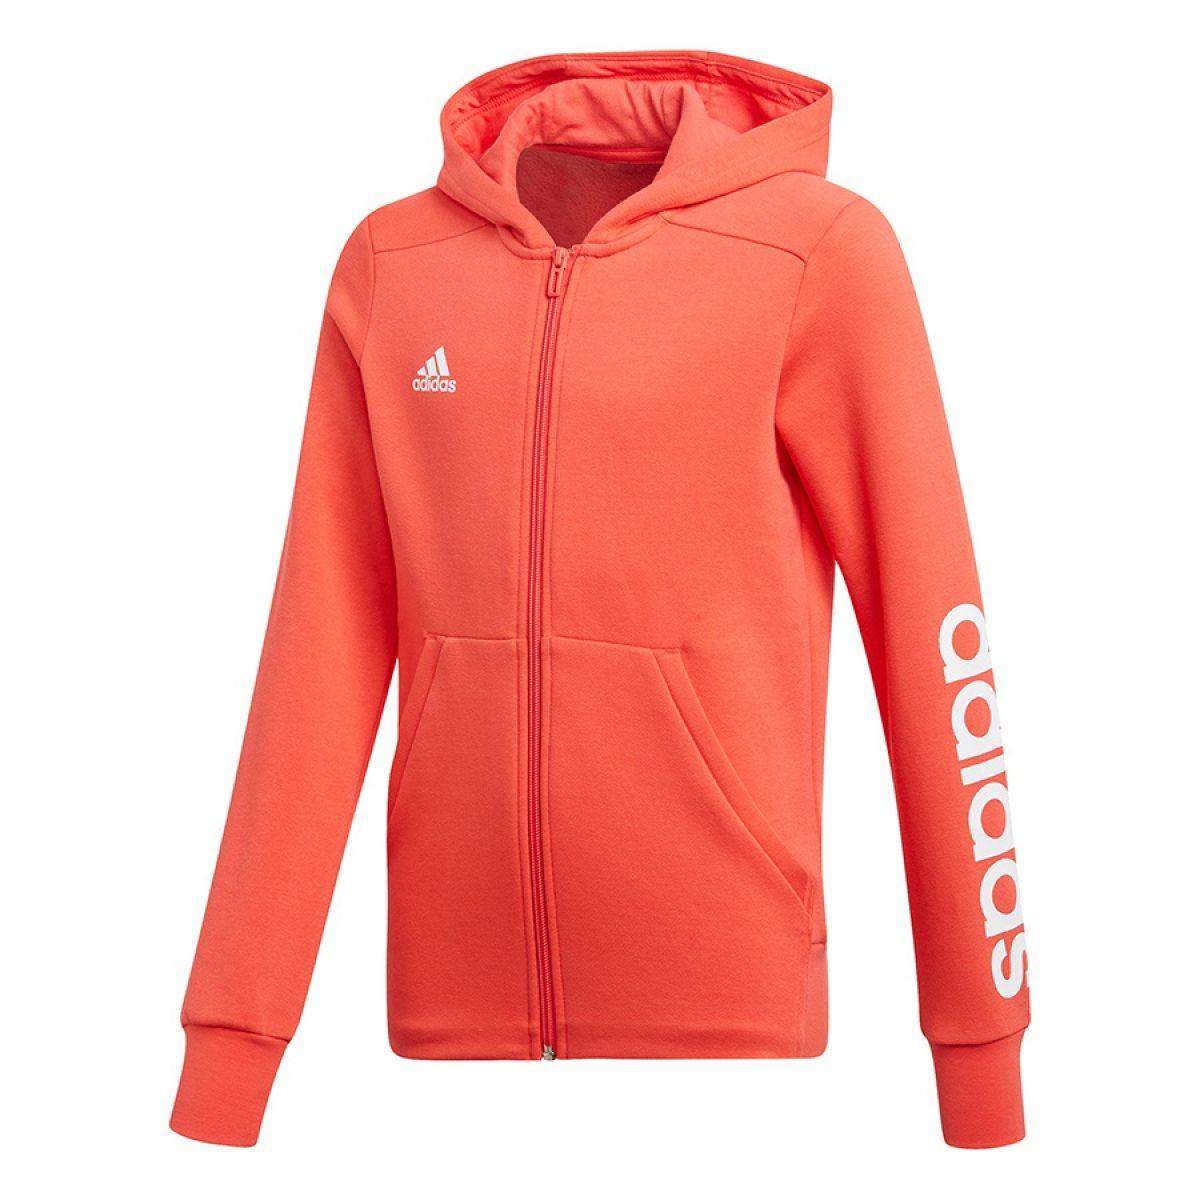 Bluza adidas Essentials Junior CF7239 128 cm 7224384757